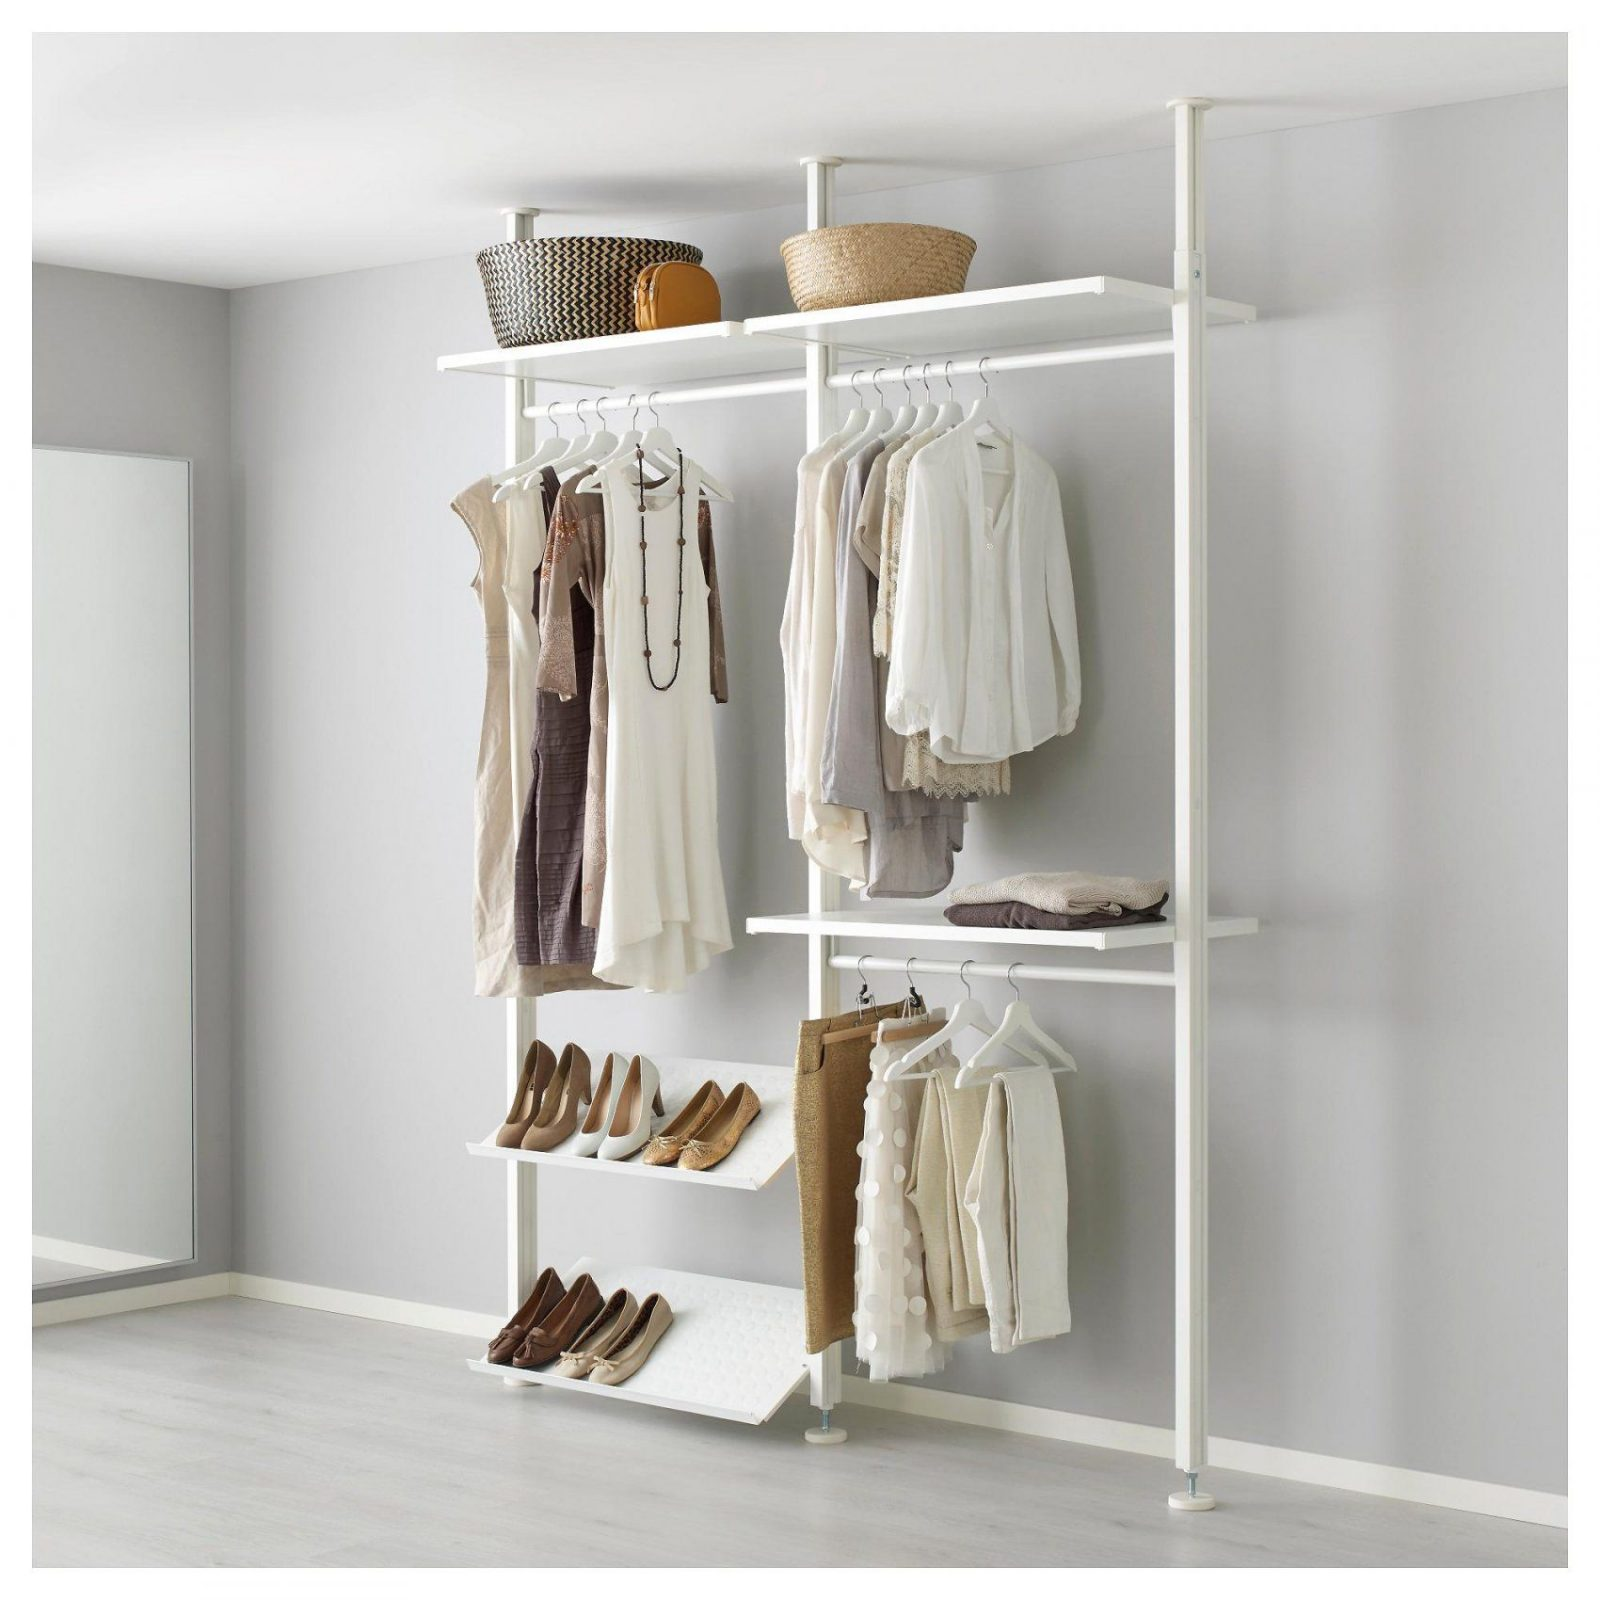 Begehbarer Kleiderschrank System Günstig Awesome Erfreut von Begehbarer Kleiderschrank System Günstig Photo